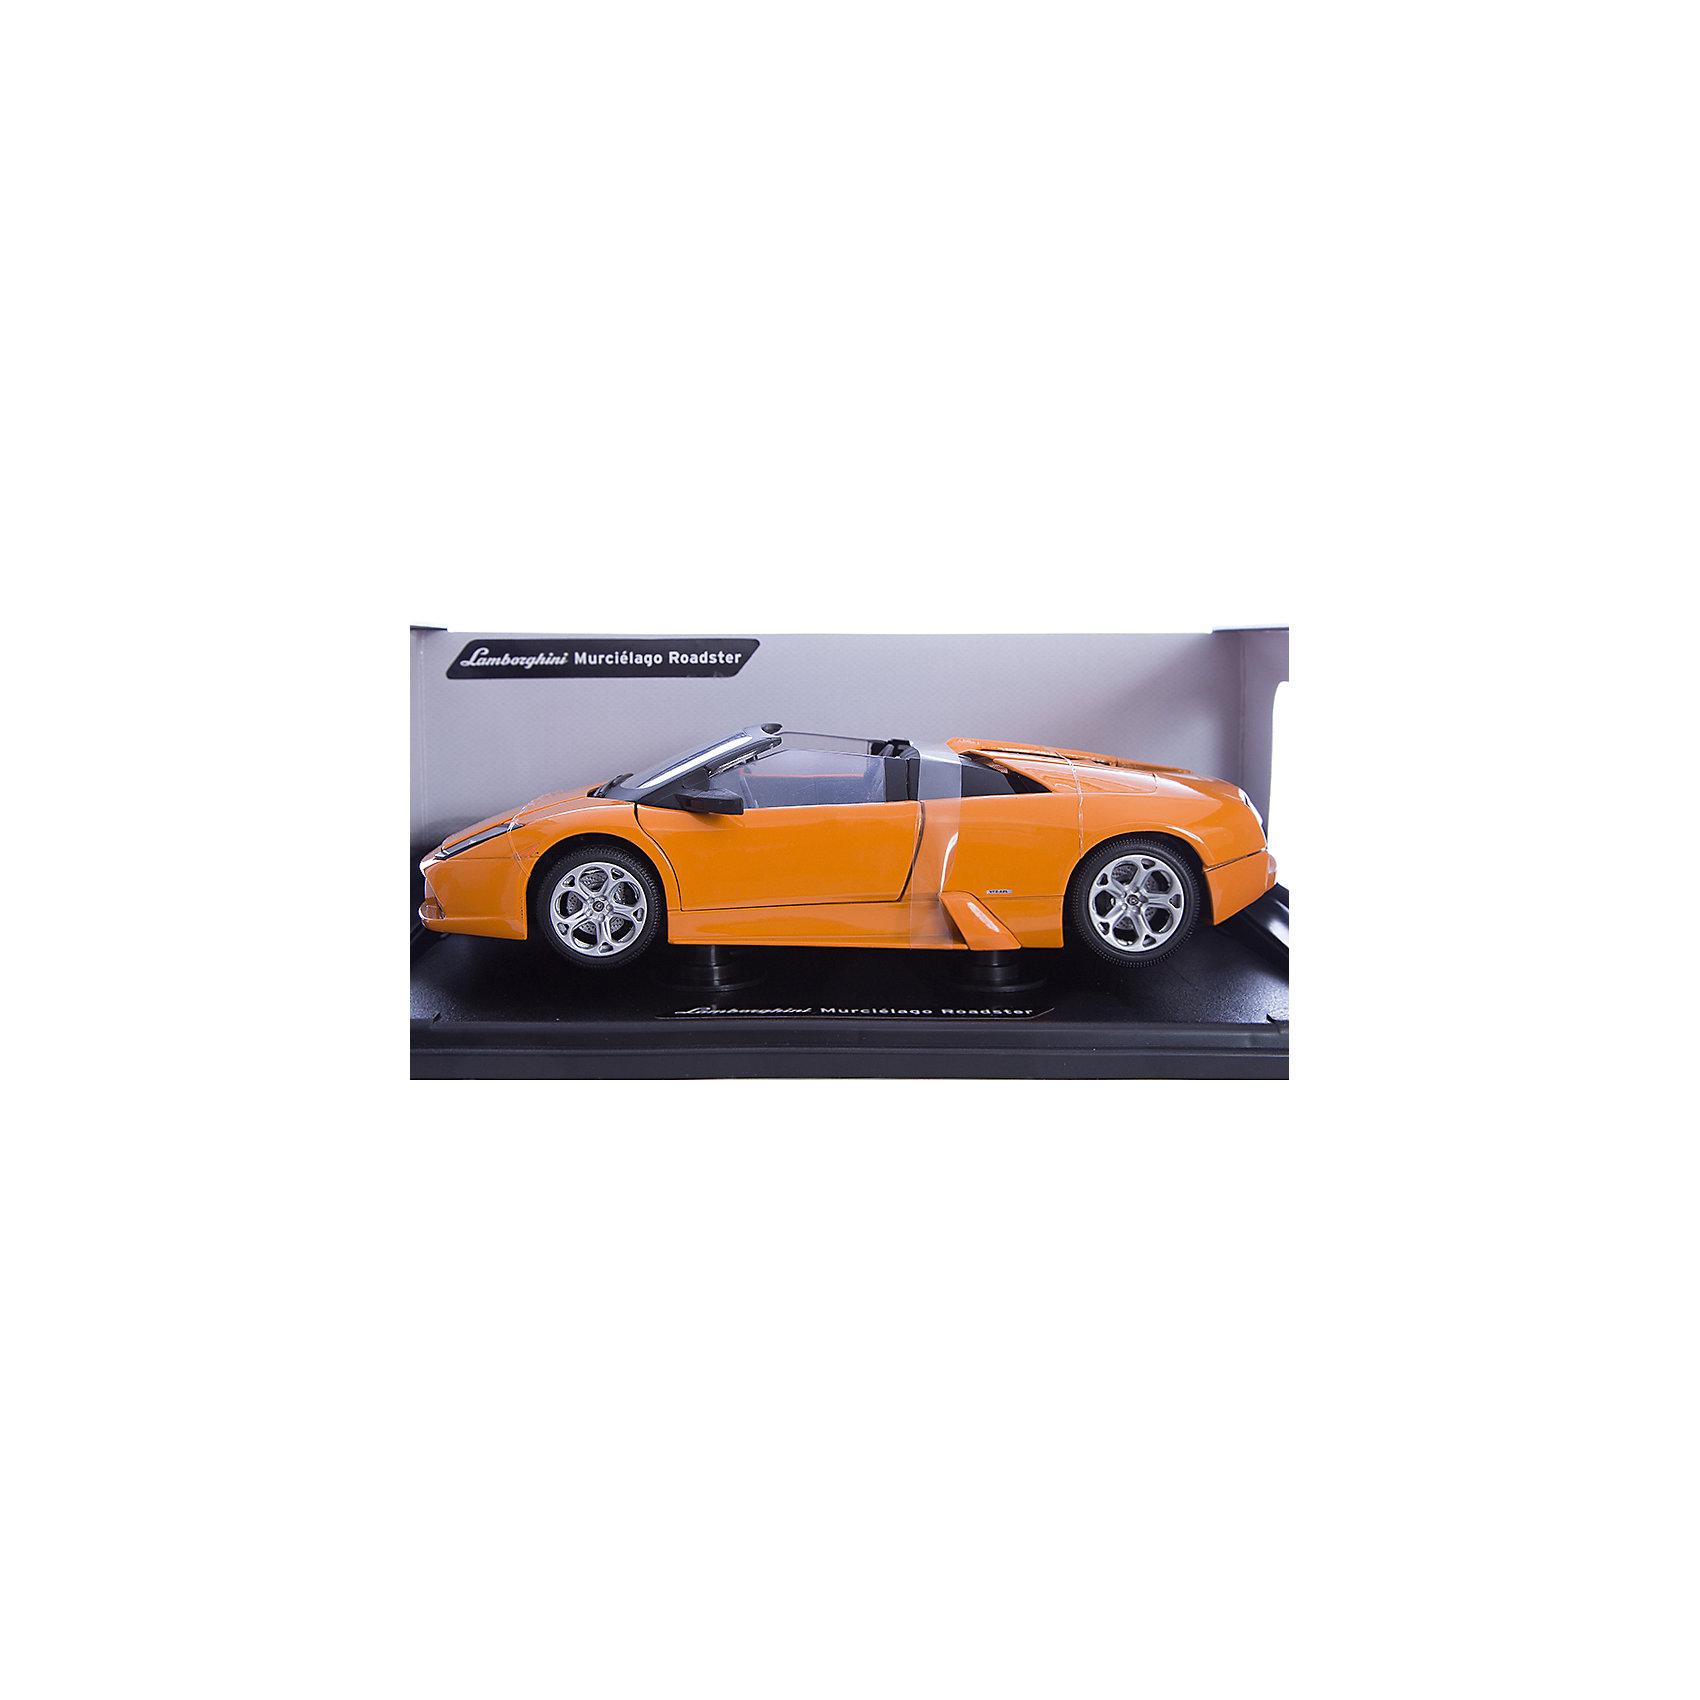 Машинка Lamborghini Murcielago R. 1:18, AutotimeМашинки<br>Характеристики товара:<br><br>• цвет: черный, белый<br>• возраст: от 3 лет<br>• материал: металл, пластик<br>• масштаб: 1:18<br>• колеса поворачиваются<br>• открывается капот и багажник<br>• двери открываются<br>• размер упаковки: 12х31х16 см<br>• вес с упаковкой: 300 г<br>• страна бренда: Россия, Китай<br>• страна изготовитель: Китай<br><br><br>Такая машинка представляет собой миниатюрную копию реально существующей модели. Она отличается высокой детализацией, является коллекционной моделью. <br><br>Сделана машинка из прочного и безопасного металла с добавление пластмассы. Благодаря прозрачным стеклам виден подробно проработанный салон.<br><br>Машинку «Lamborghini Murcielago R.1:18», Autotime (Автотайм) можно купить в нашем интернет-магазине.<br><br>Ширина мм: 350<br>Глубина мм: 158<br>Высота мм: 120<br>Вес г: 15<br>Возраст от месяцев: 36<br>Возраст до месяцев: 2147483647<br>Пол: Мужской<br>Возраст: Детский<br>SKU: 5584119